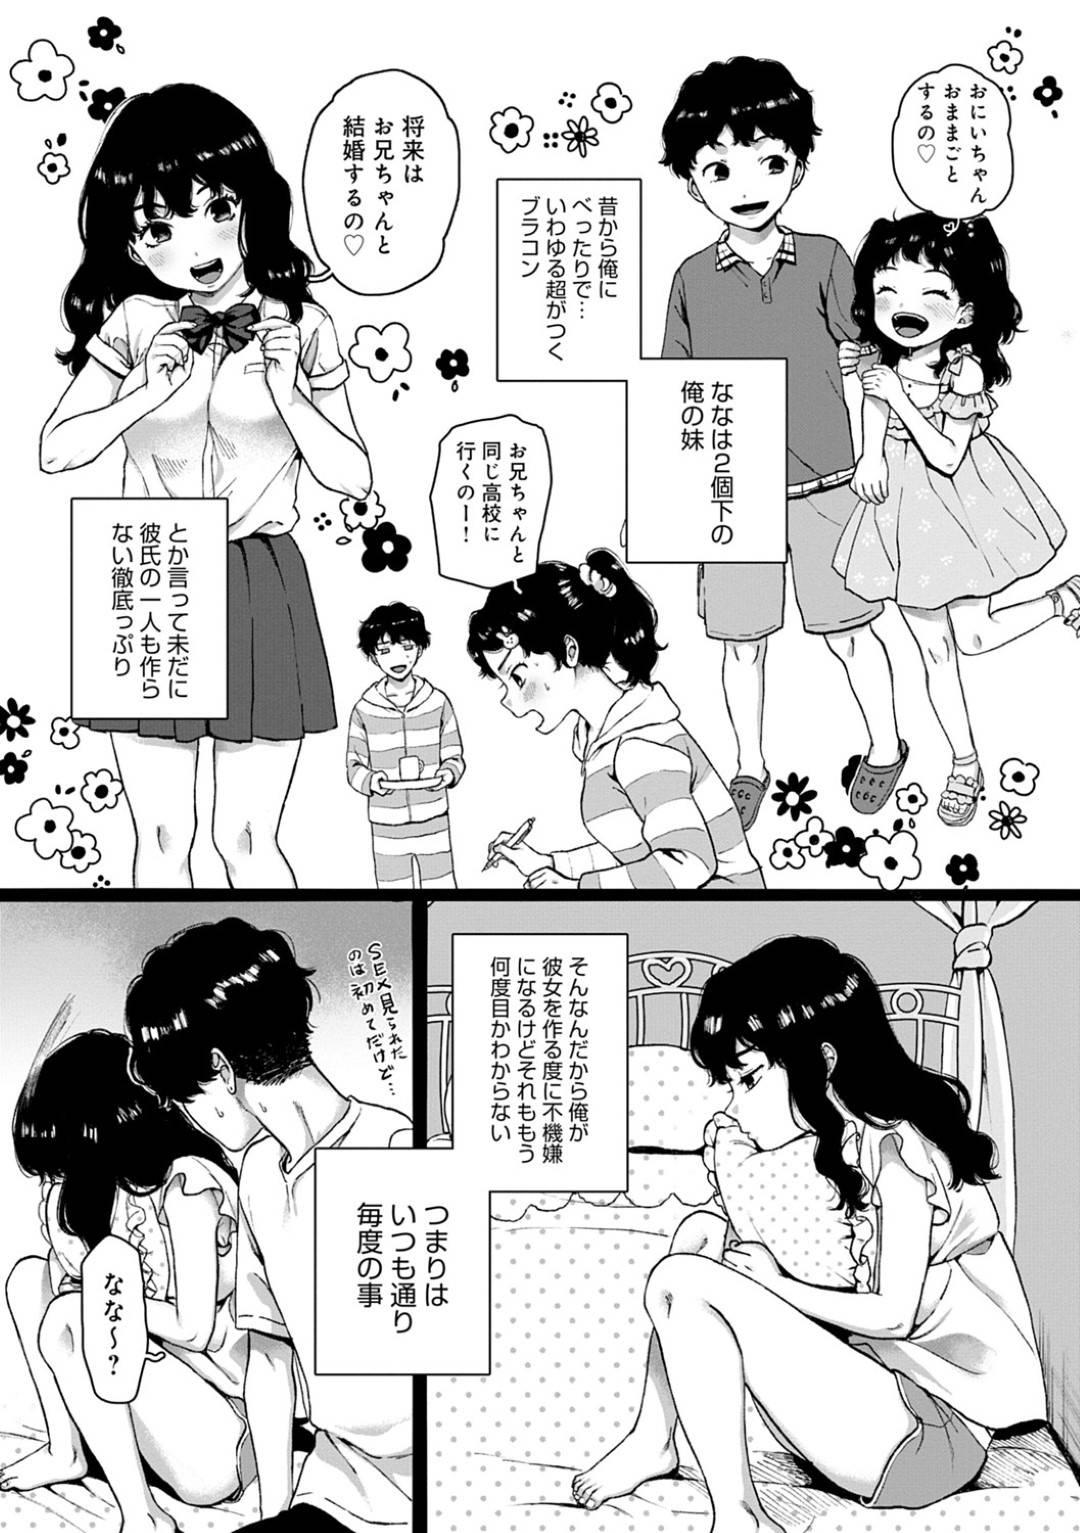 【エロ漫画】兄の部屋に入ると彼女とセックス中でふてくされている妹JK…ブラコンの彼女は自分の誕生日に処女を買ってほしいと兄にお願いする!【やっそん義之】